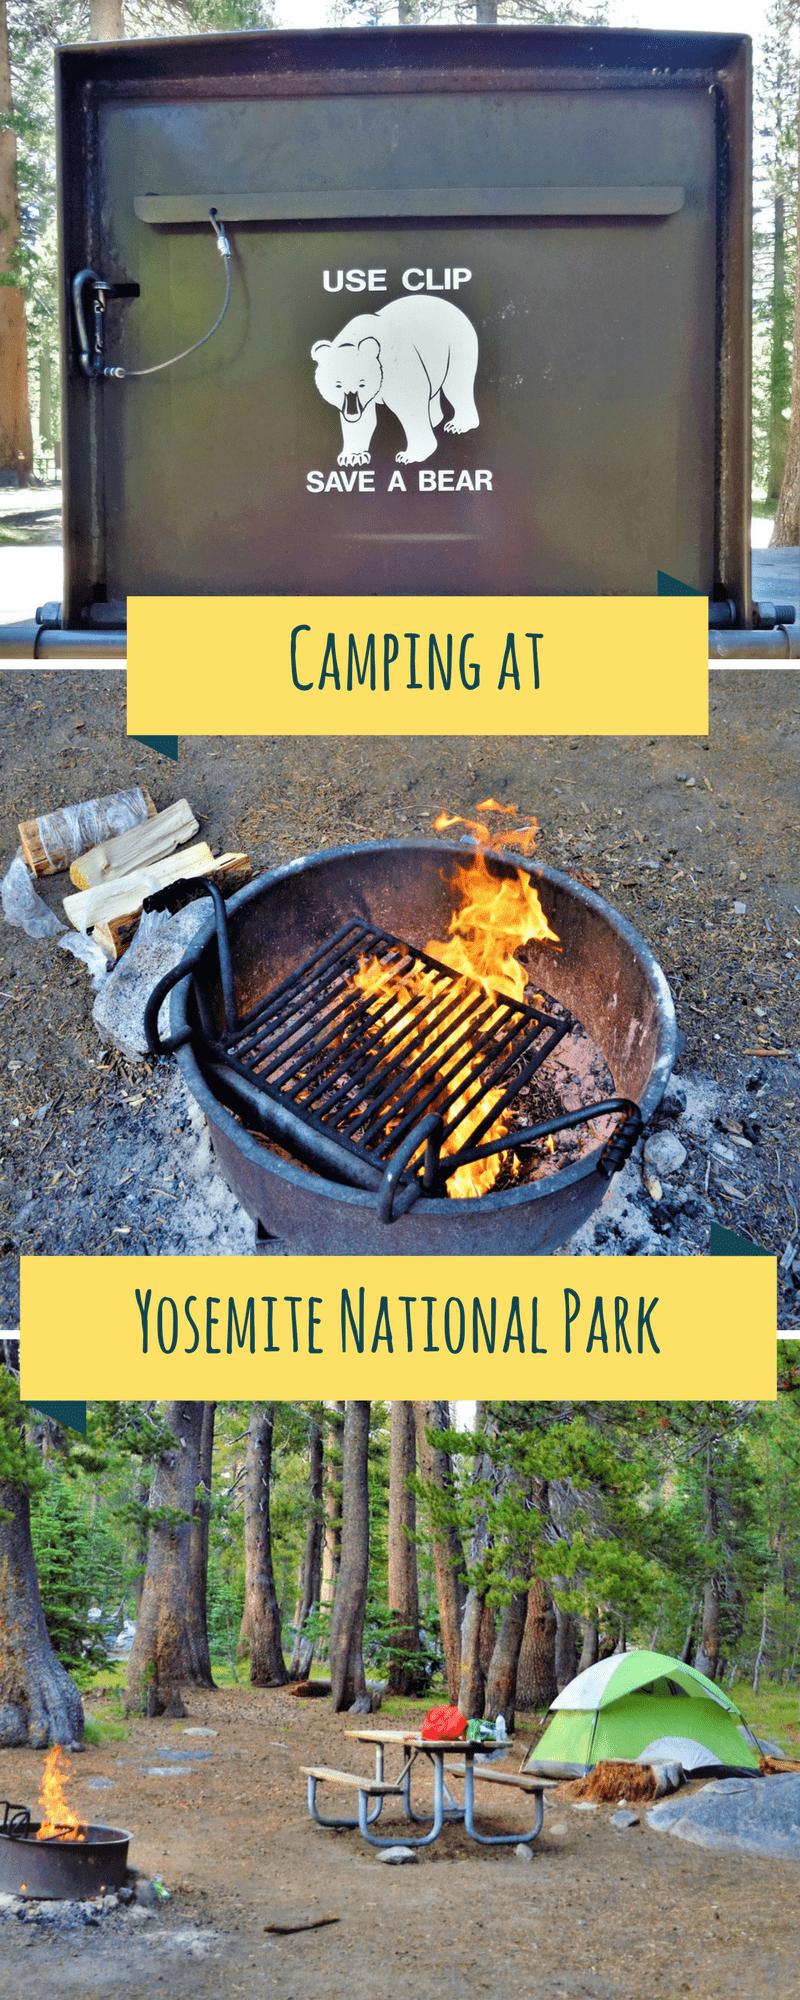 Camping at Yosemite National Park, California